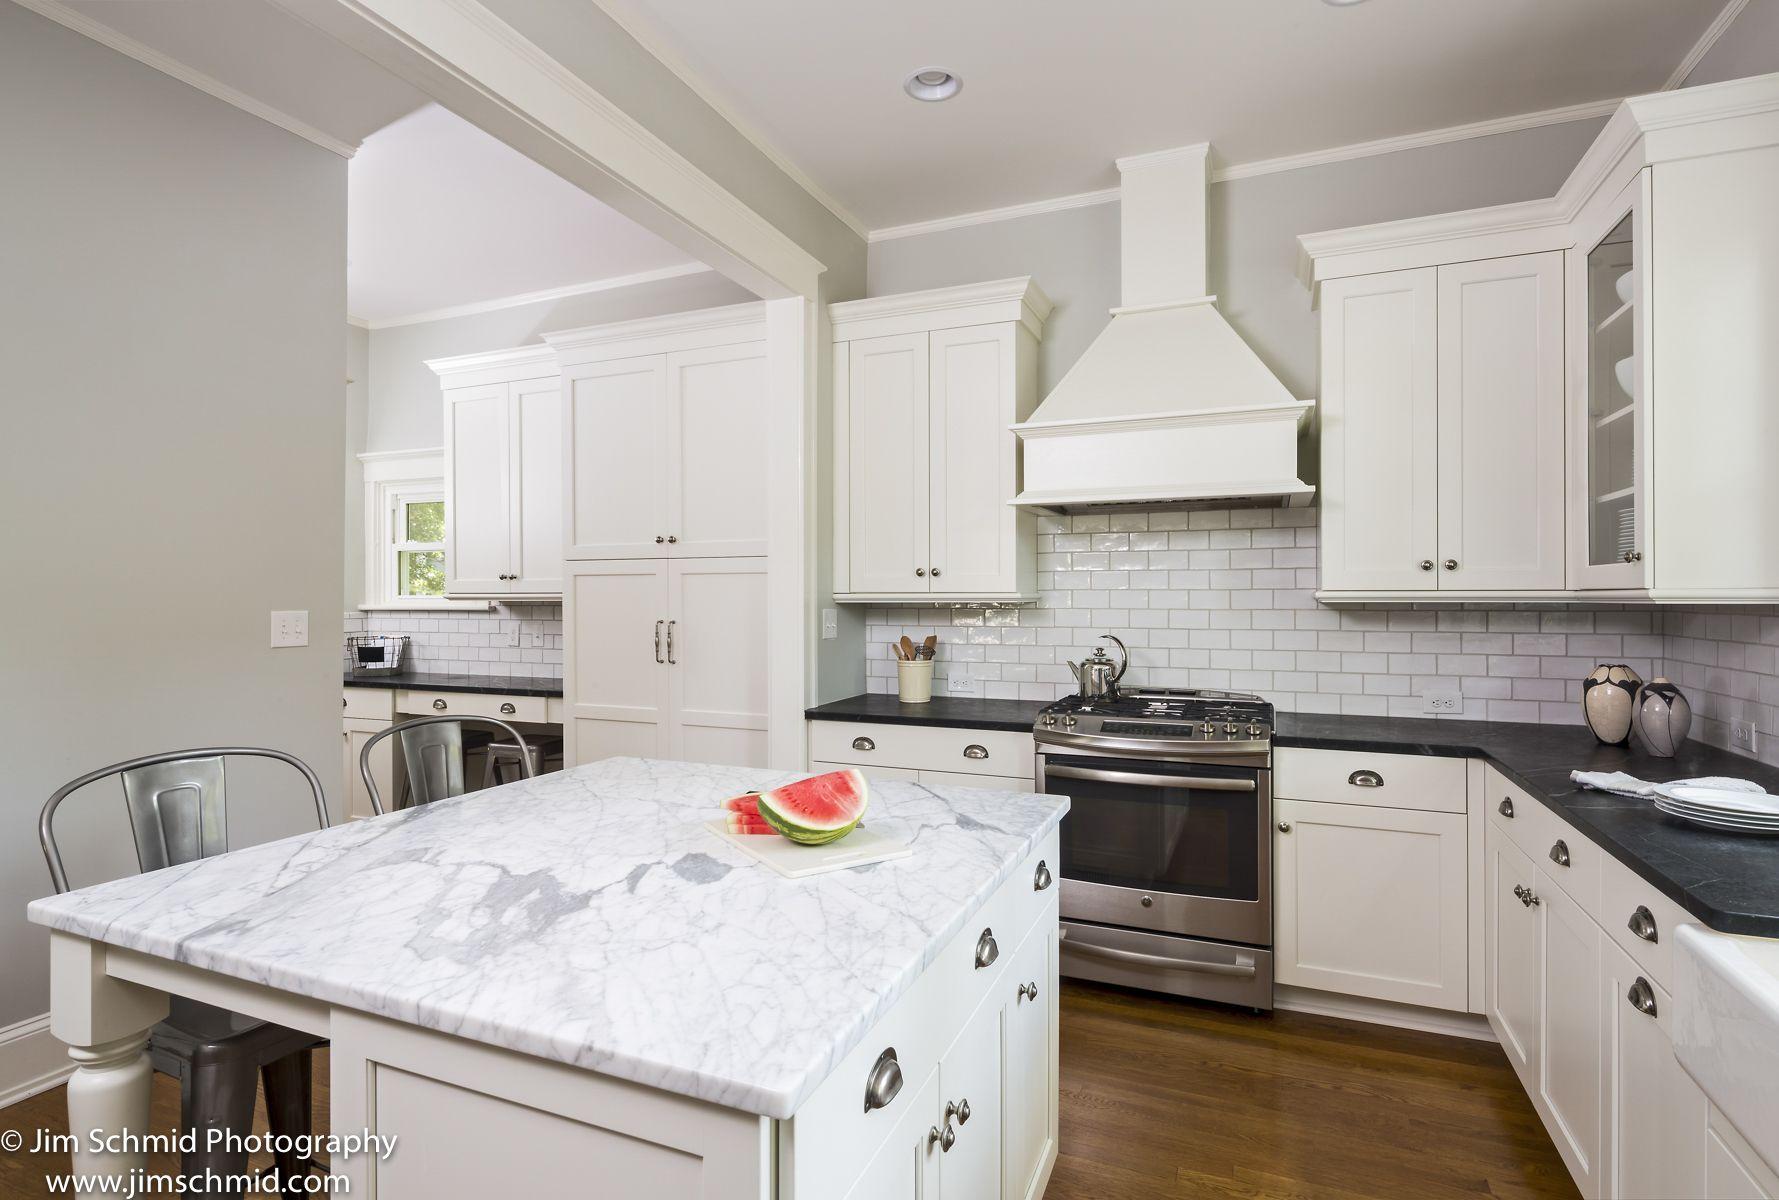 Kitchen Renovations Kitchen Update Kitchen White Kitchen Kitchen Island Cabinets Countertops International Kitchen Renovation Kitchen Kitchen Cabinets